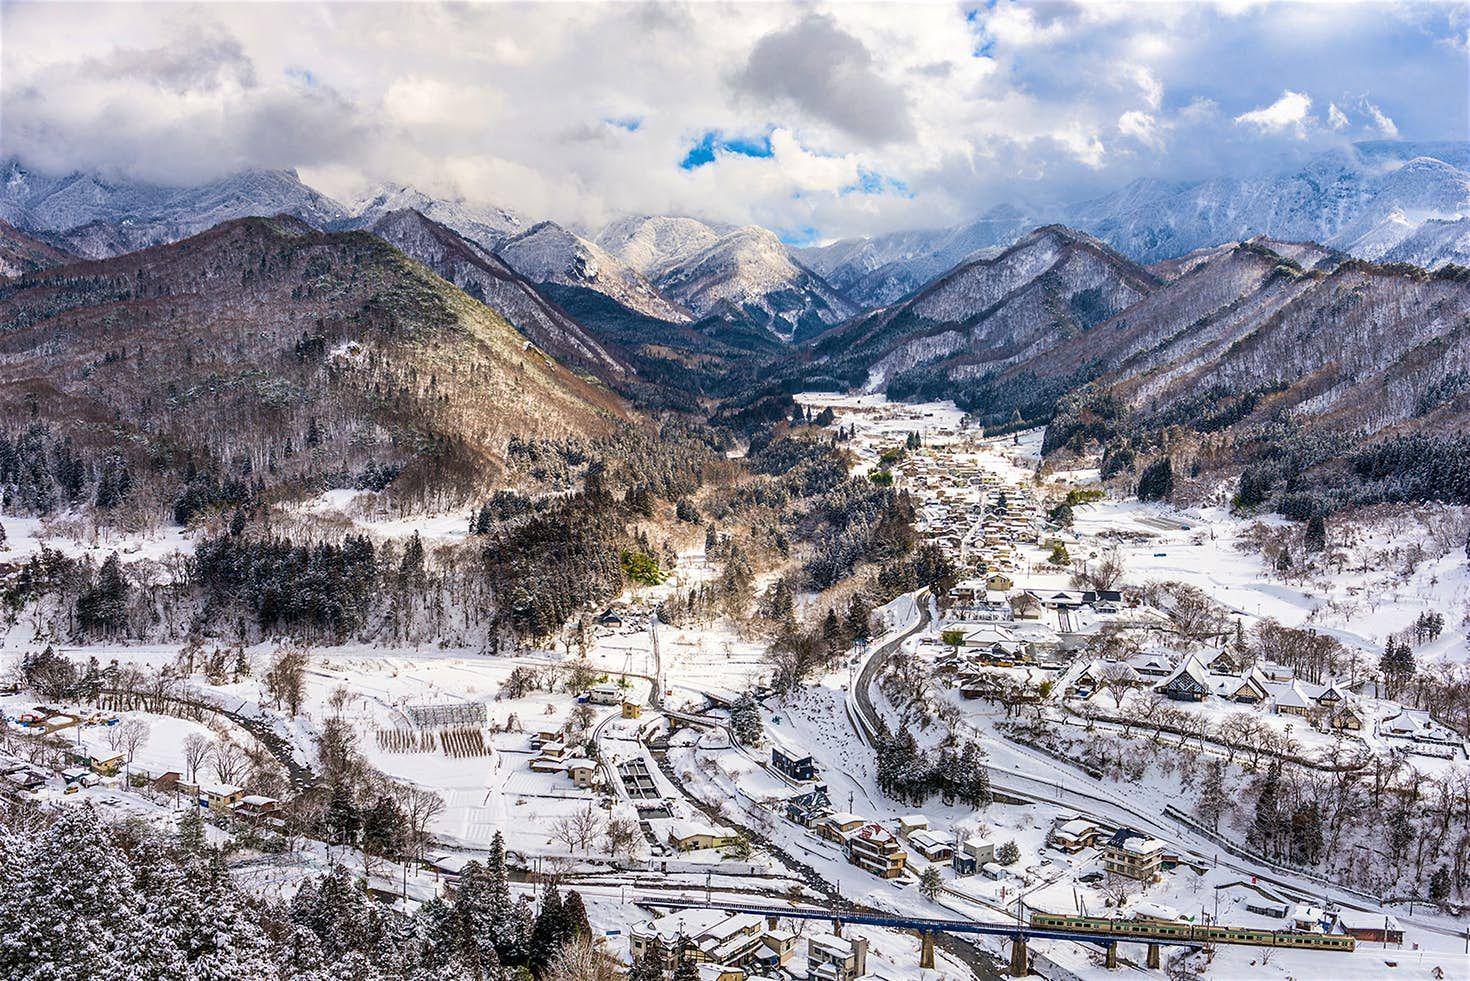 Il villaggio innevato di Yamadera nel profondo nord del Giappone